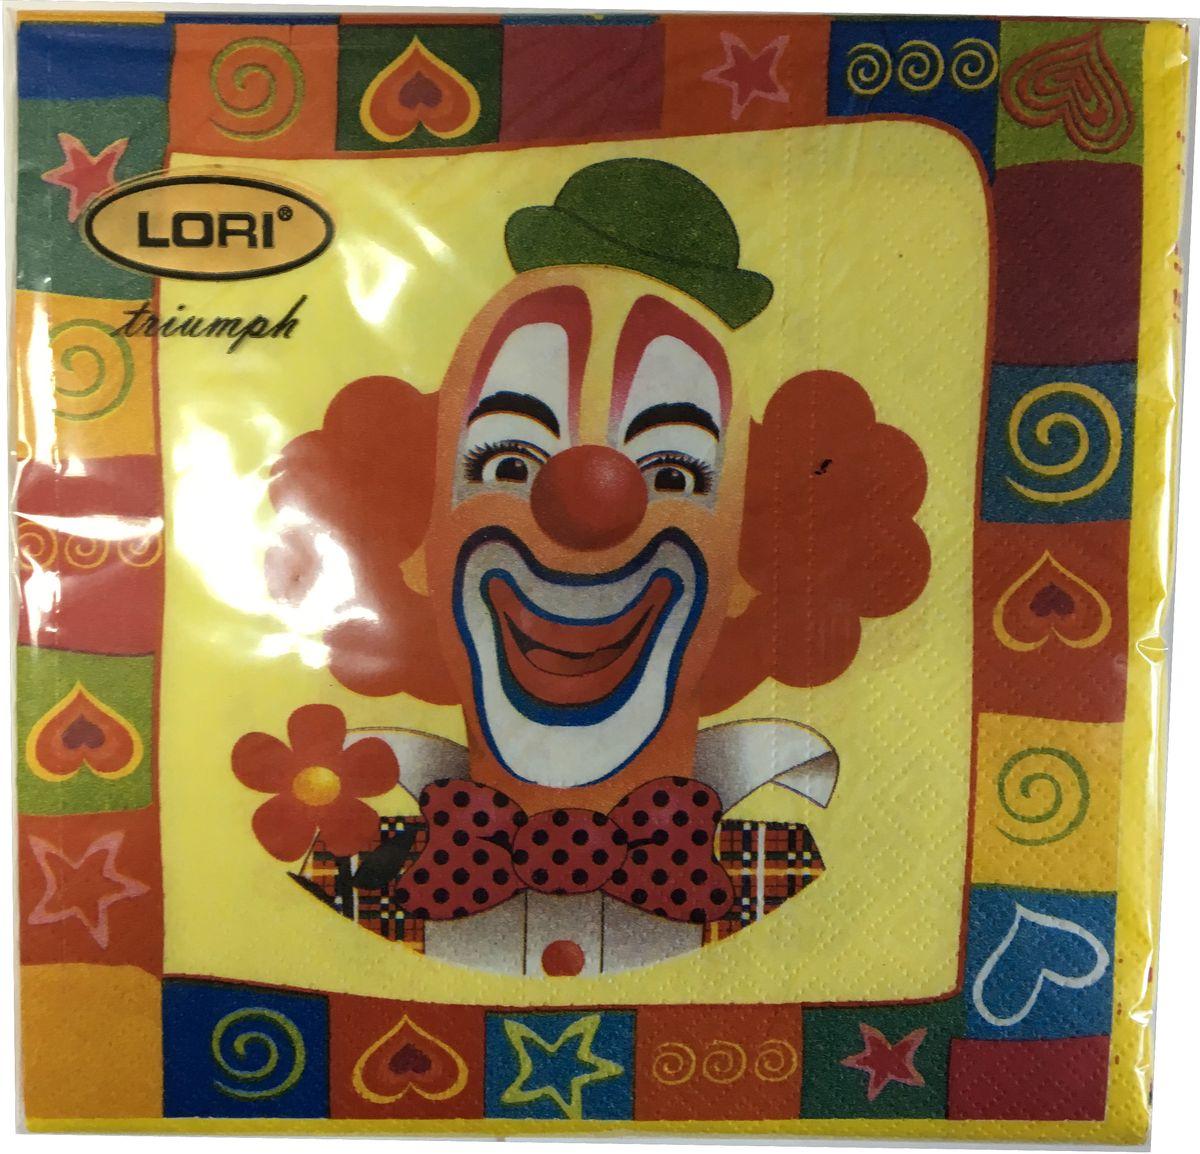 Салфетки бумажные Lori Triumph, трехслойные, цвет: мультиколор, 33 х 33 см, 20 шт. 5619456194Декоративные трехслойные салфетки Lori Triumph выполнены из 100% целлюлозы и оформлены ярким рисунком. Изделия станут отличным дополнением любого праздничного стола. Они отличаются необычной мягкостью, прочностью и оригинальностью. Размер салфеток в развернутом виде: 33 х 33 см.